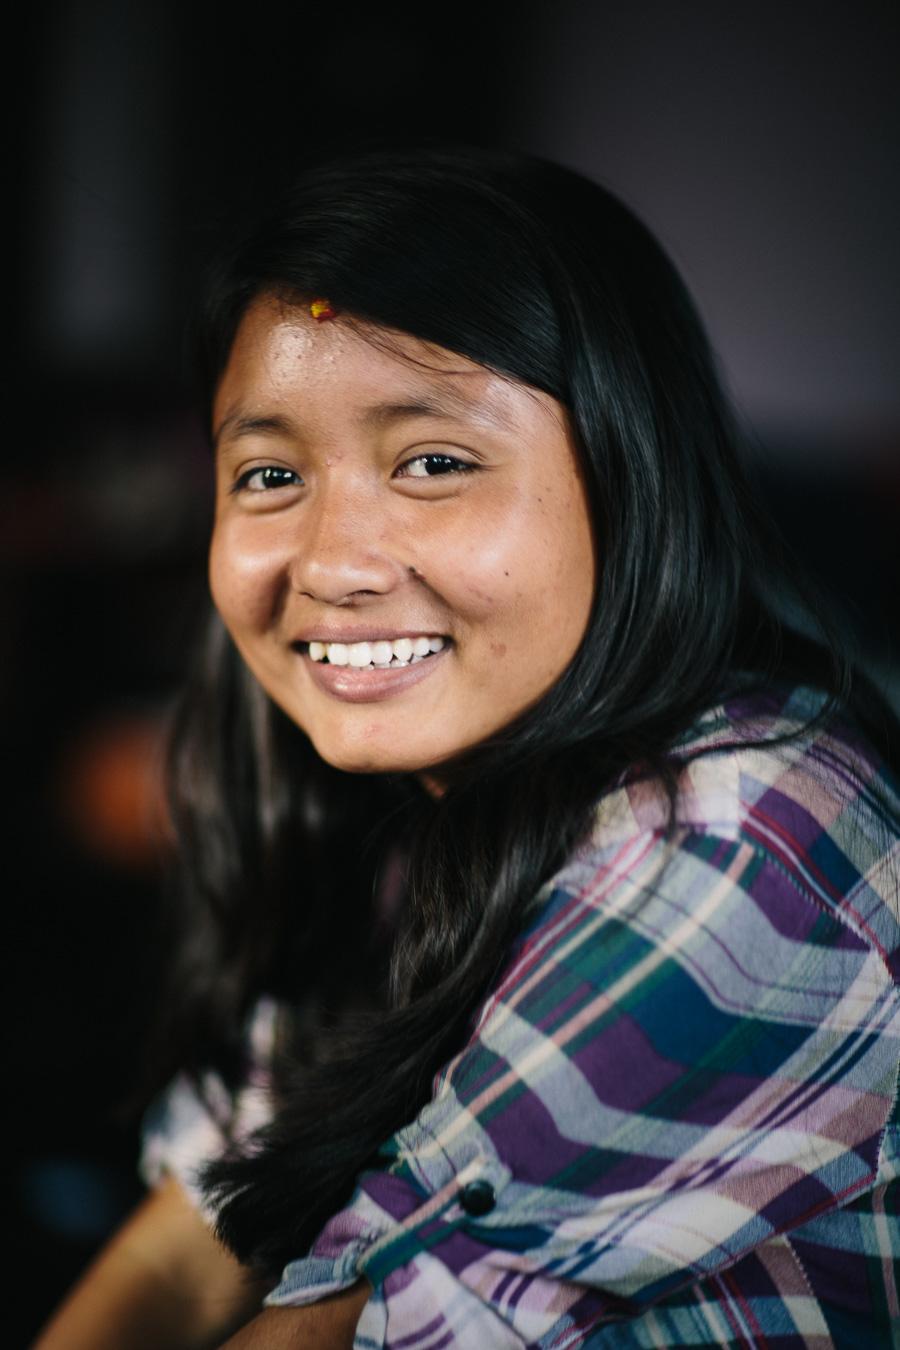 160423-155932-Nepal-Gavin-Gough-2.jpg